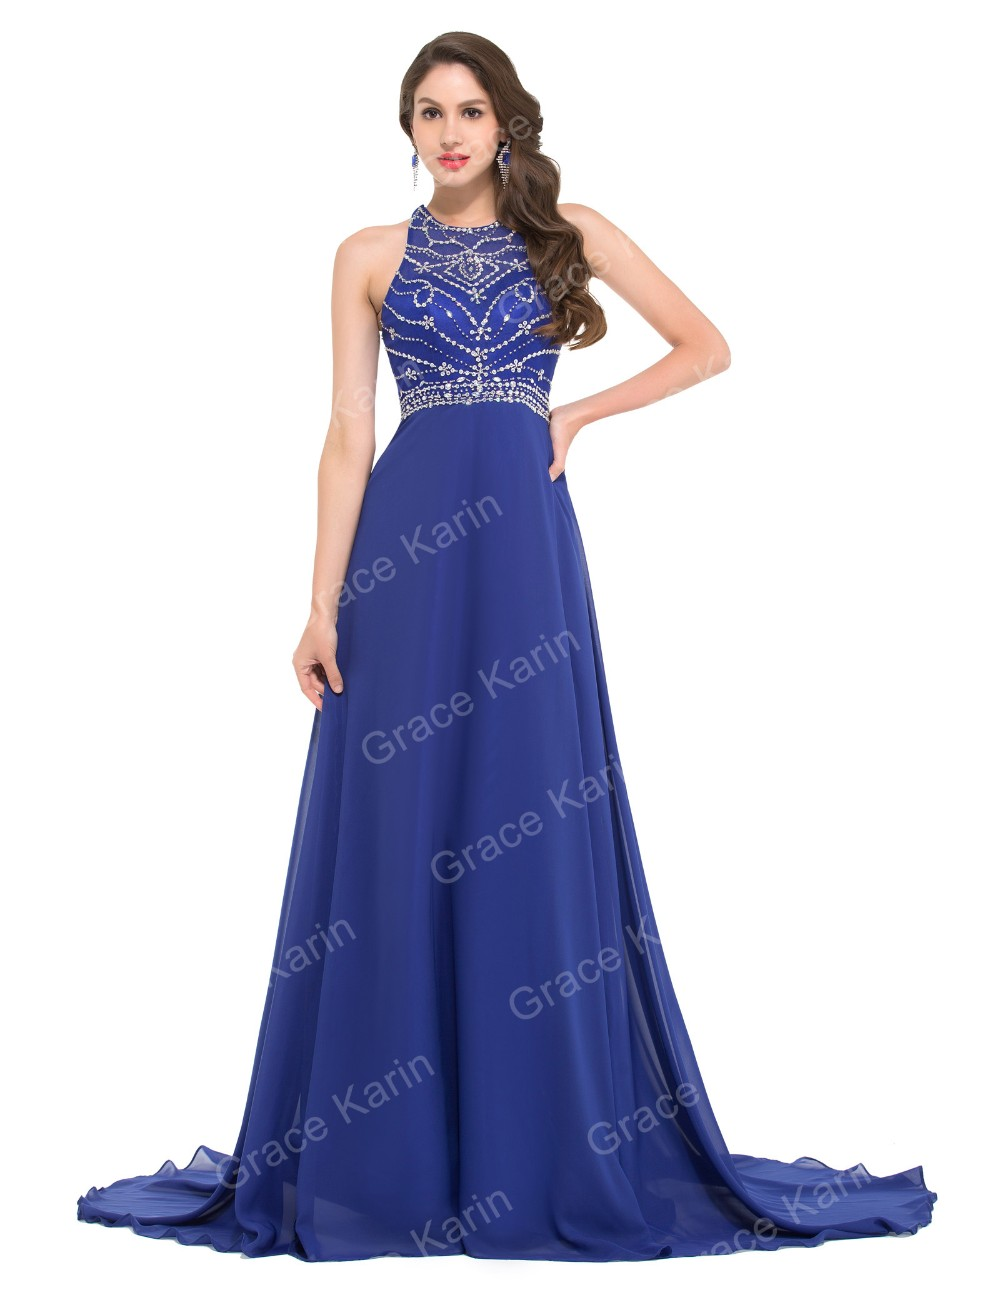 Длиной до пола королевский синий вечернее платье грейс карин шифон спинки женщины вечерние платья длинные русалка платья для ну вечеринку GK000024